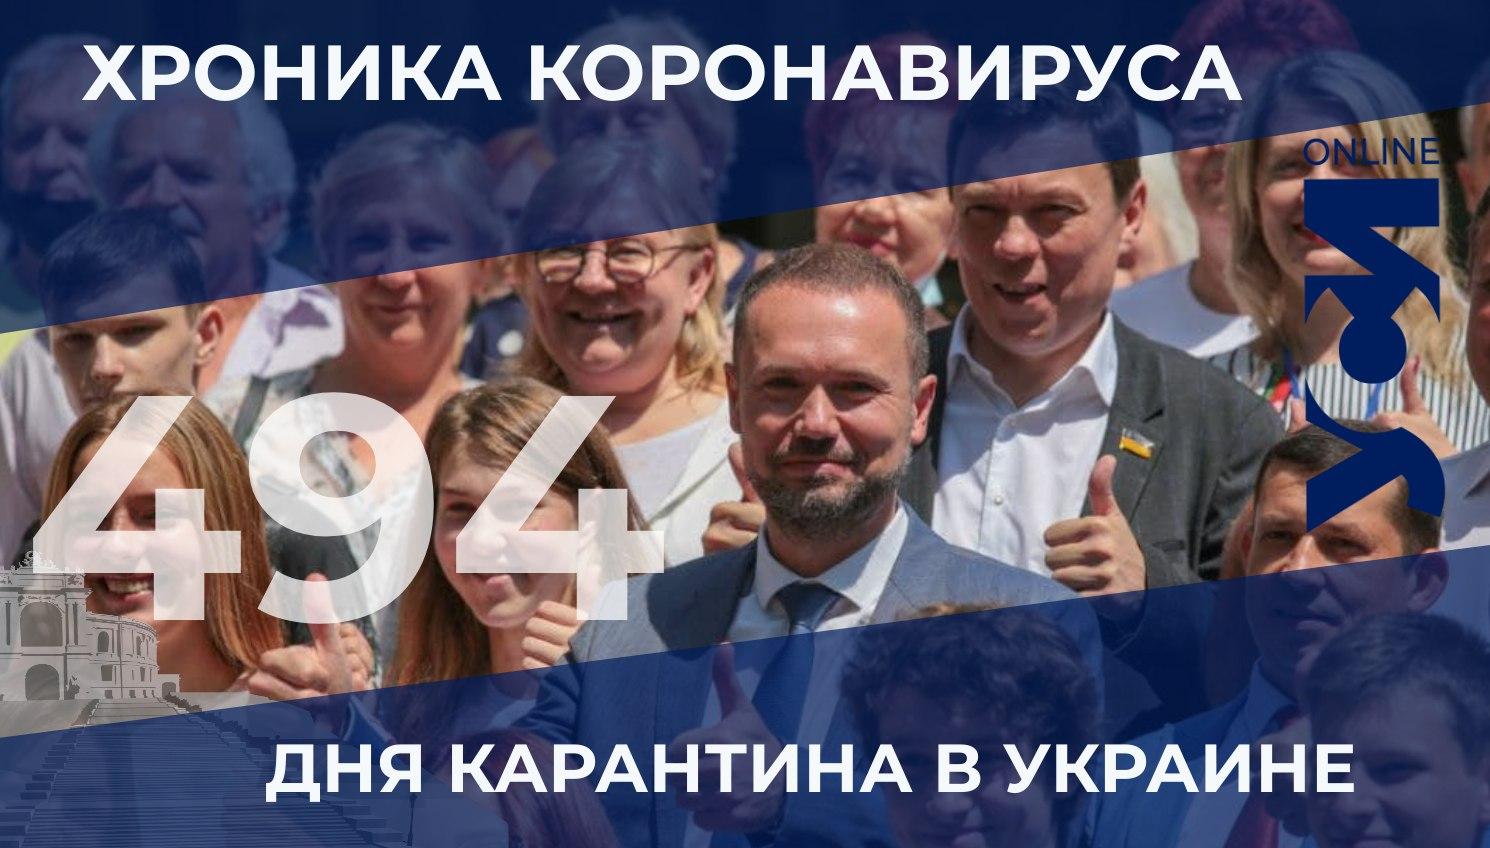 Хроника коронавируса: Одесская область в лидерах по новым случаям заболевания «фото»